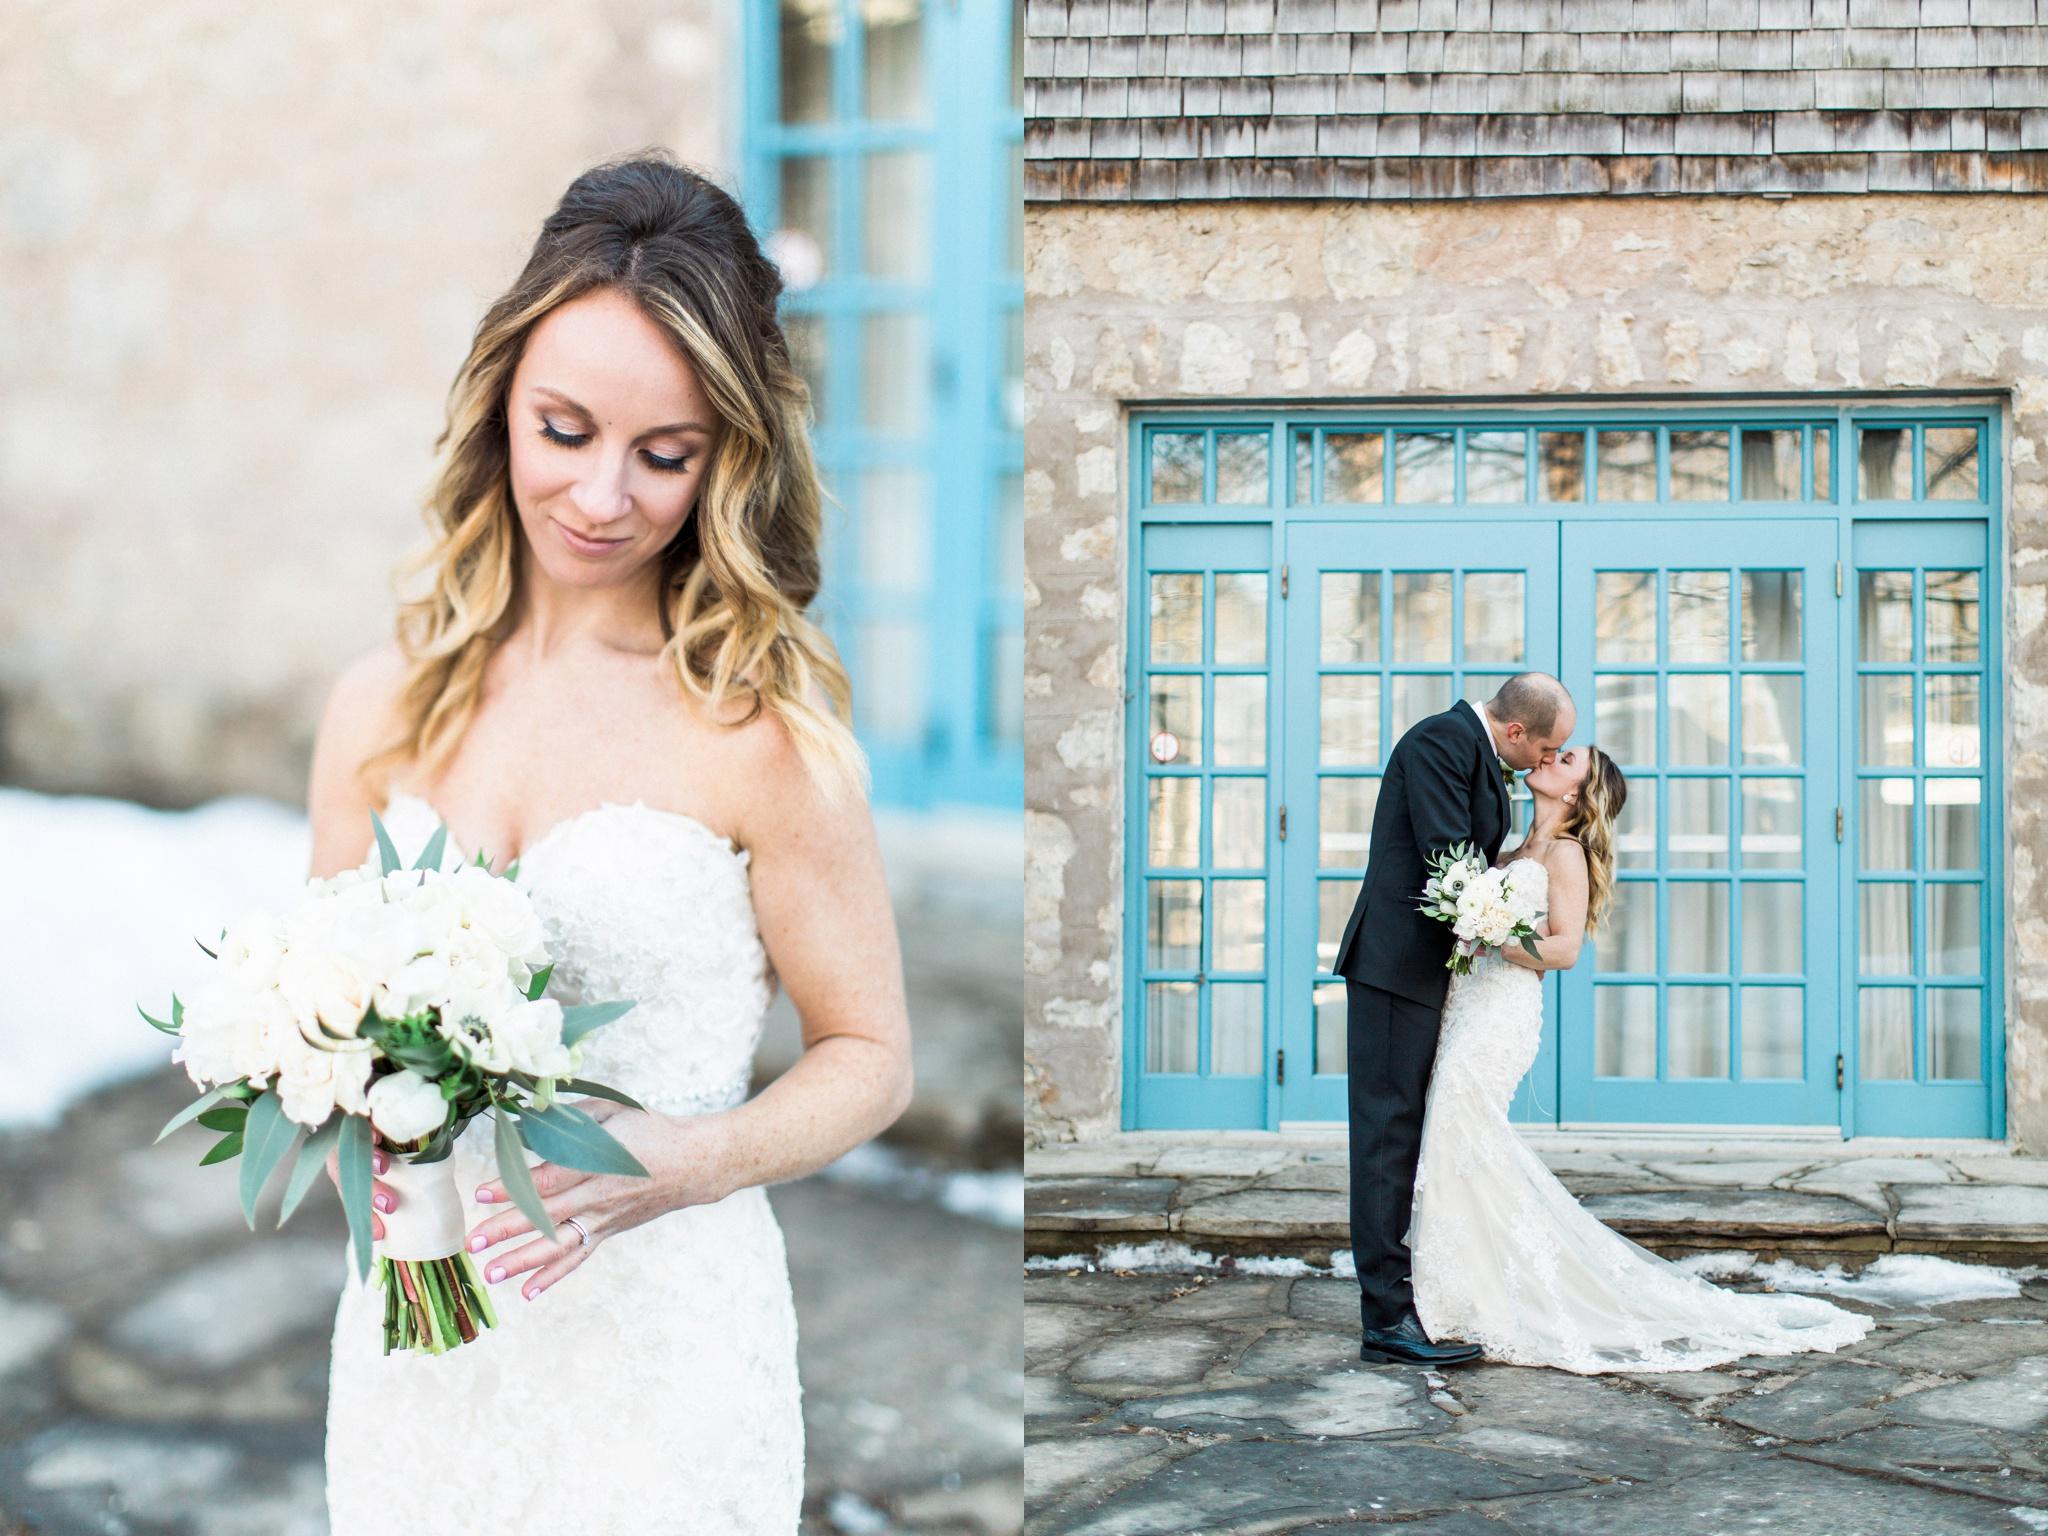 Winter Wedding Venues in Toronto